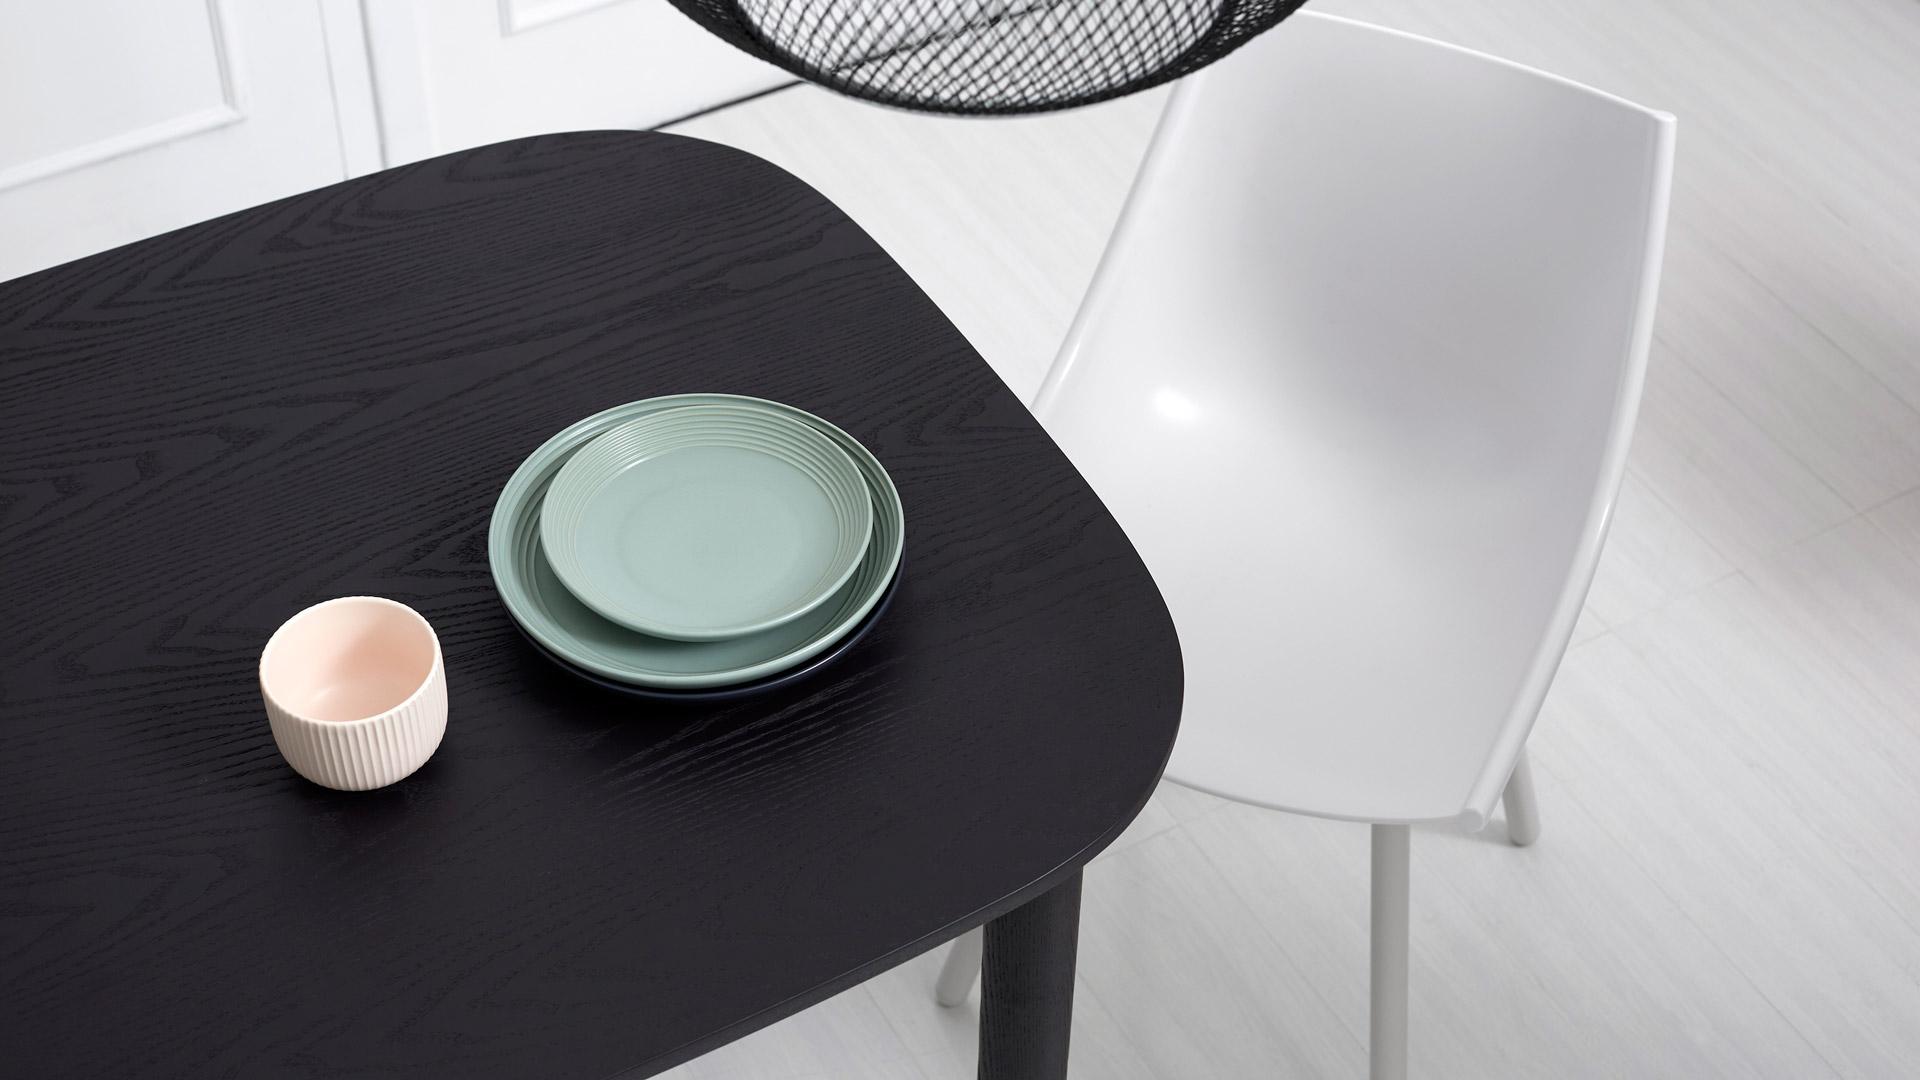 利落清晰的边界线条,揉合多重圆润曲线,以精简外形映衬木材的自然质感,让桌子多了一分柔和。